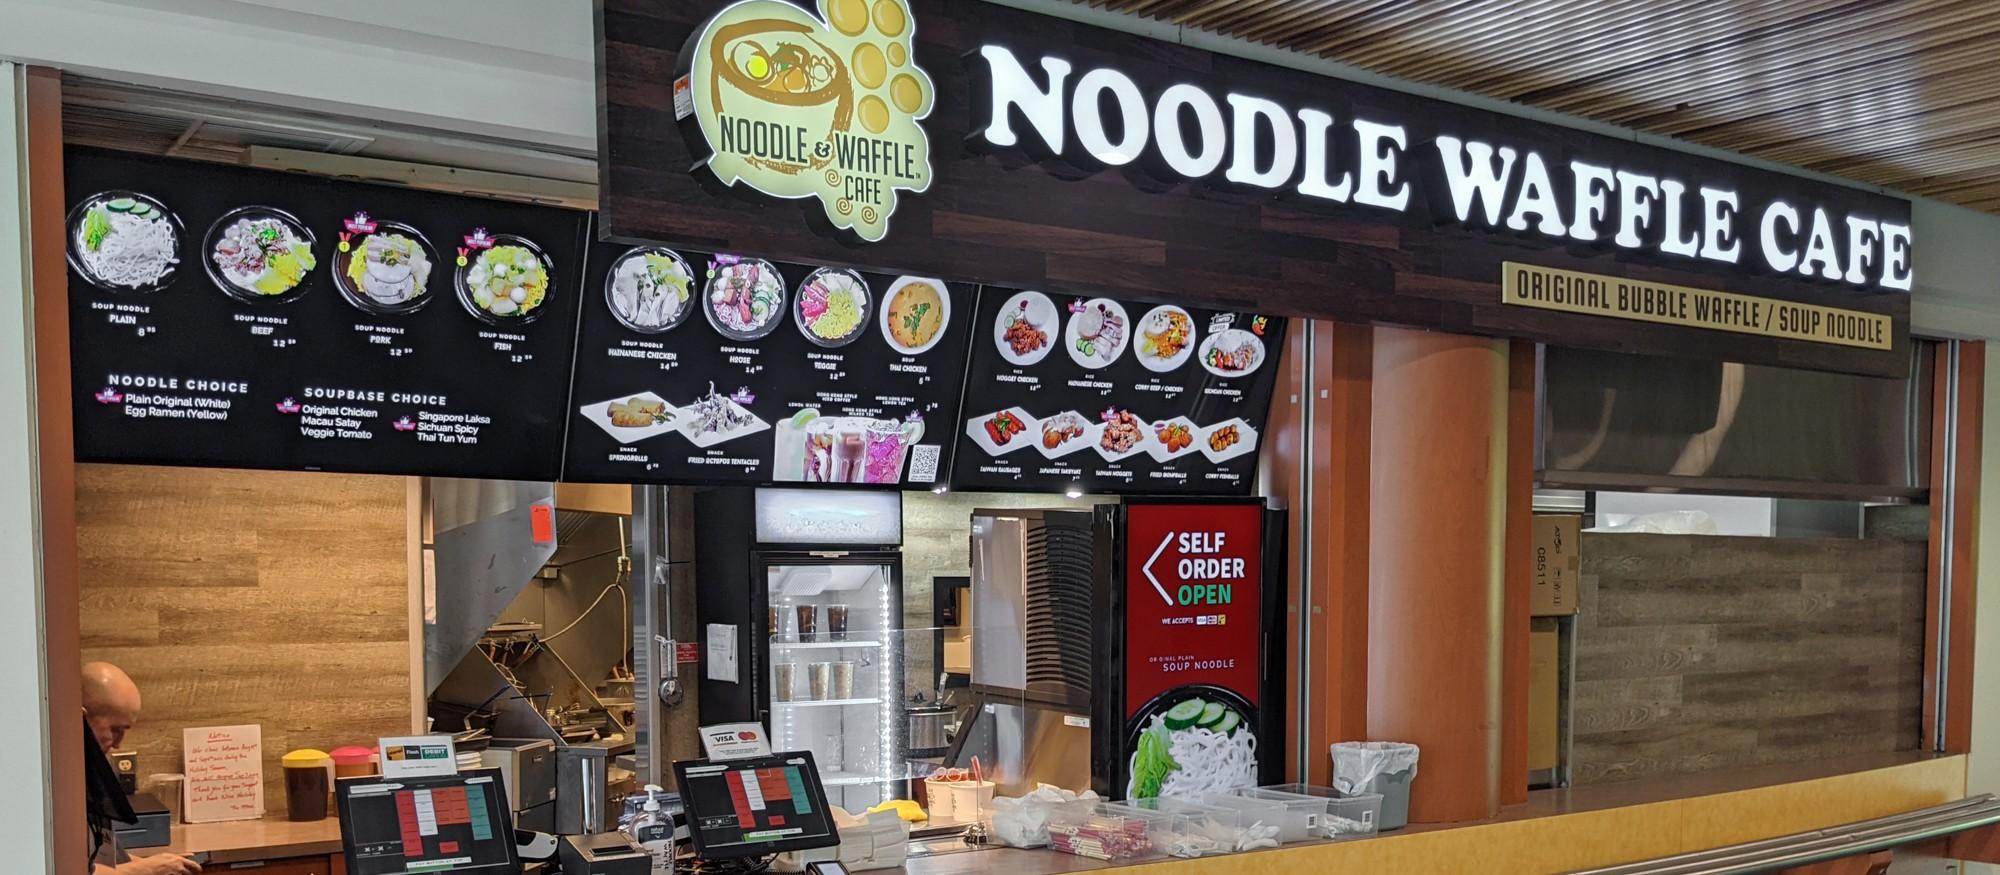 noodle waffle cafe  food  simon fraser university